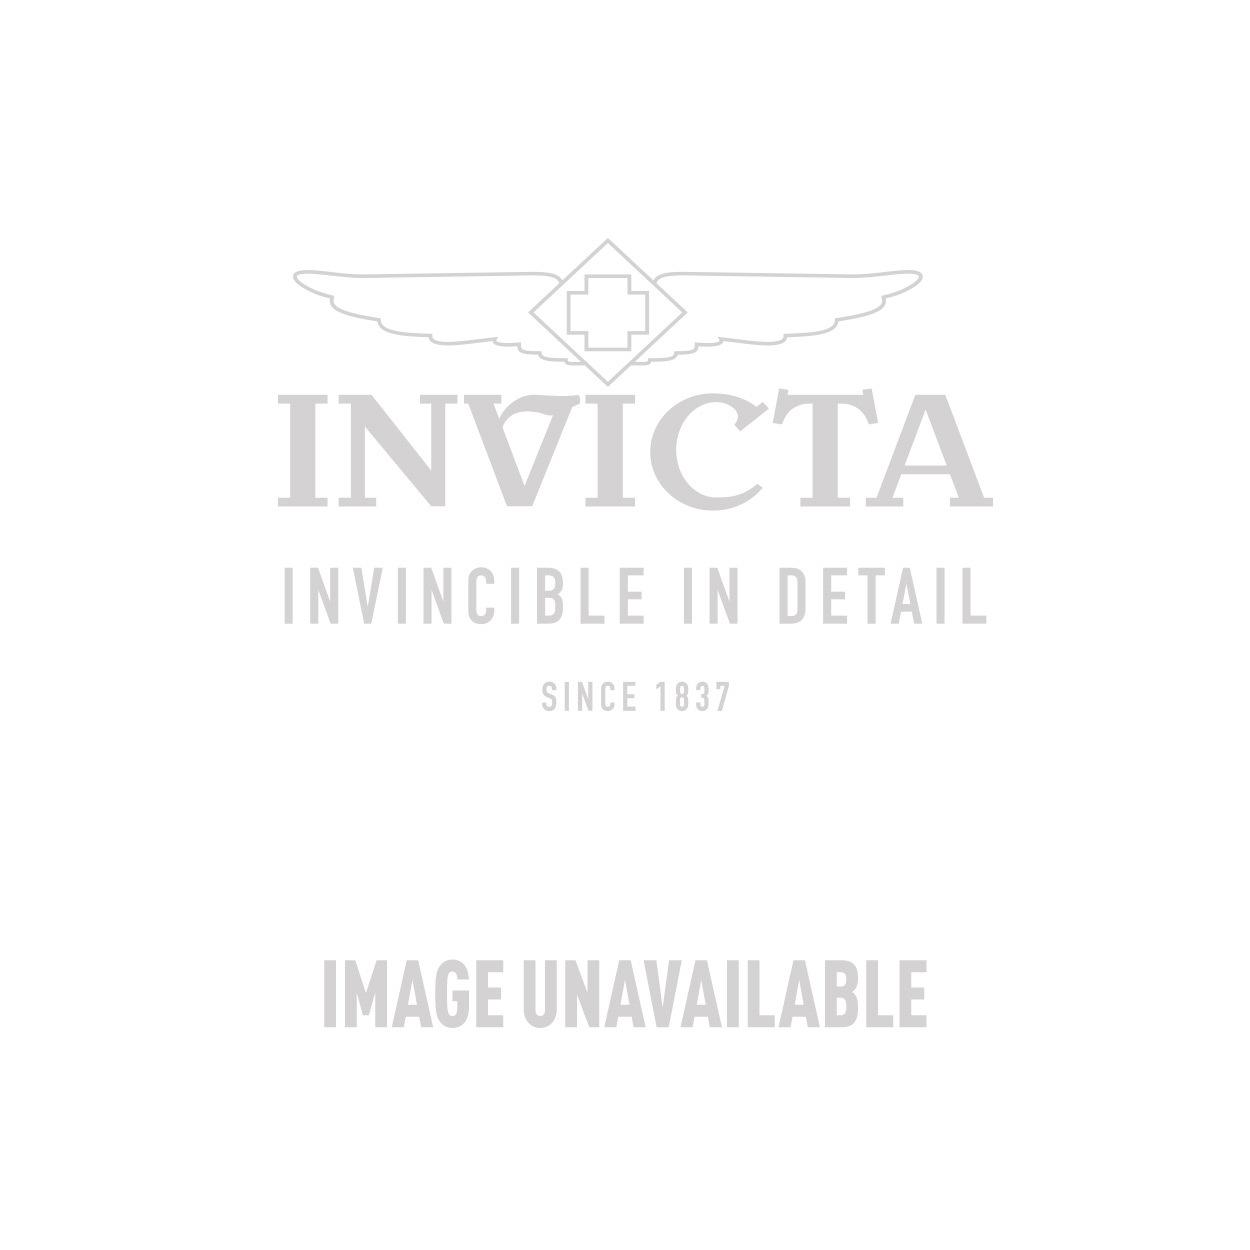 Invicta Model 27690